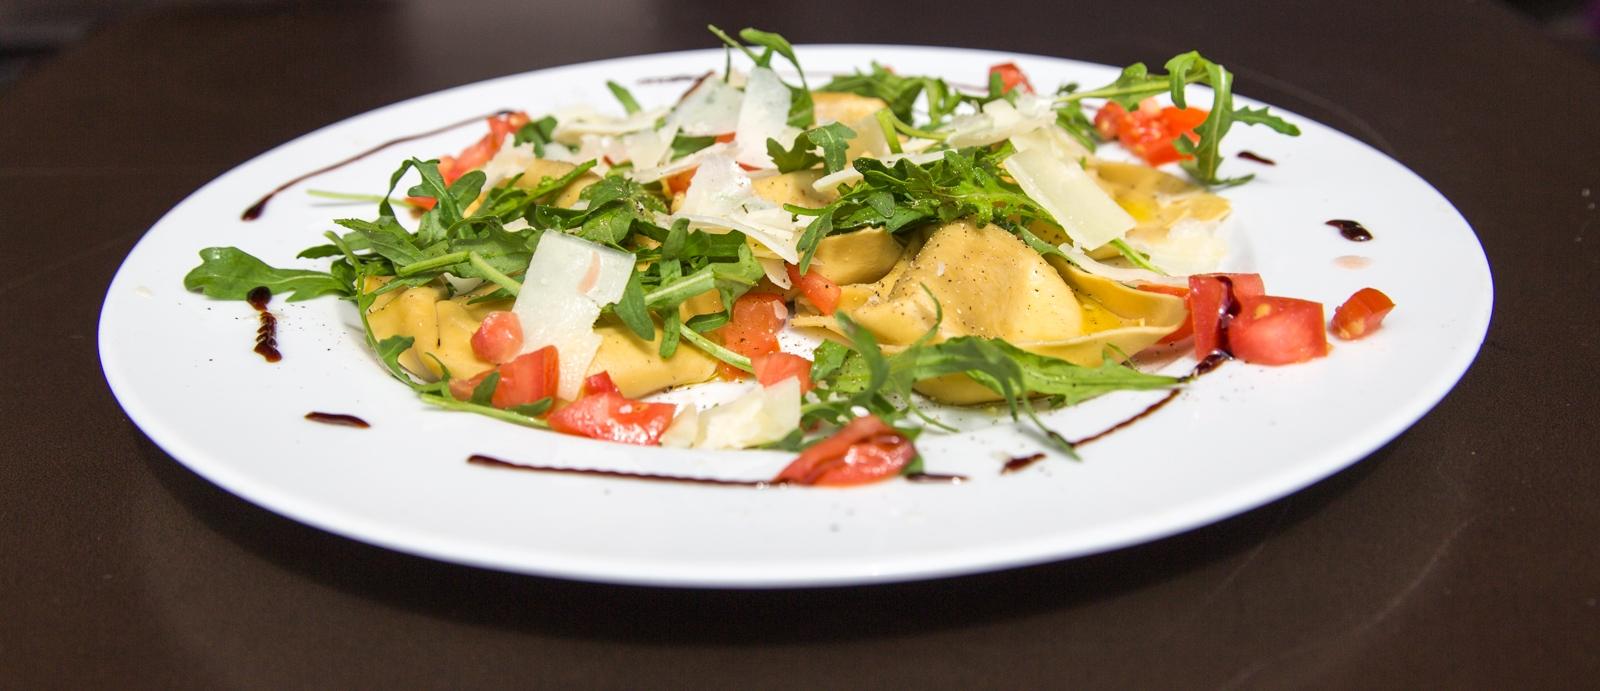 Quartier gourmand for Restaurant cuisine francaise